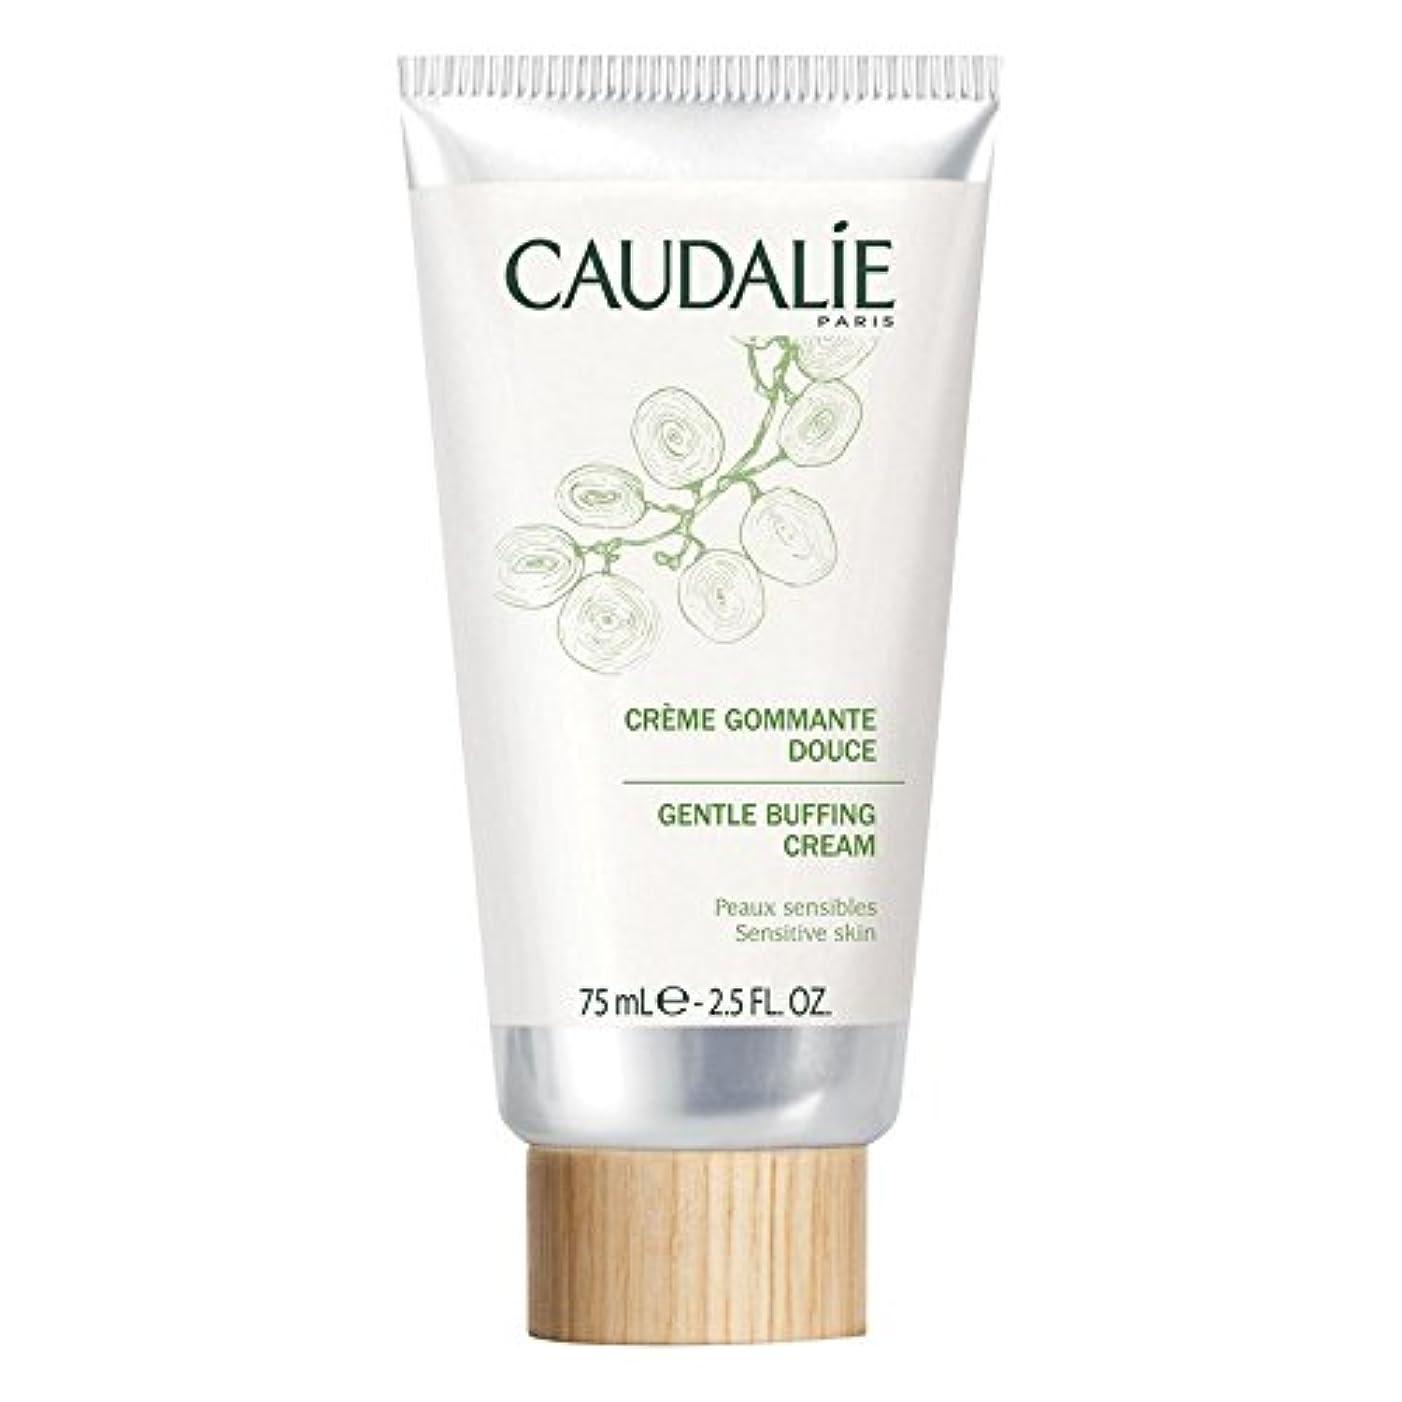 コーダリー穏やかバフクリーム75ミリリットル x4 - Caudalie Gentle Buffing Cream 75ml (Pack of 4) [並行輸入品]